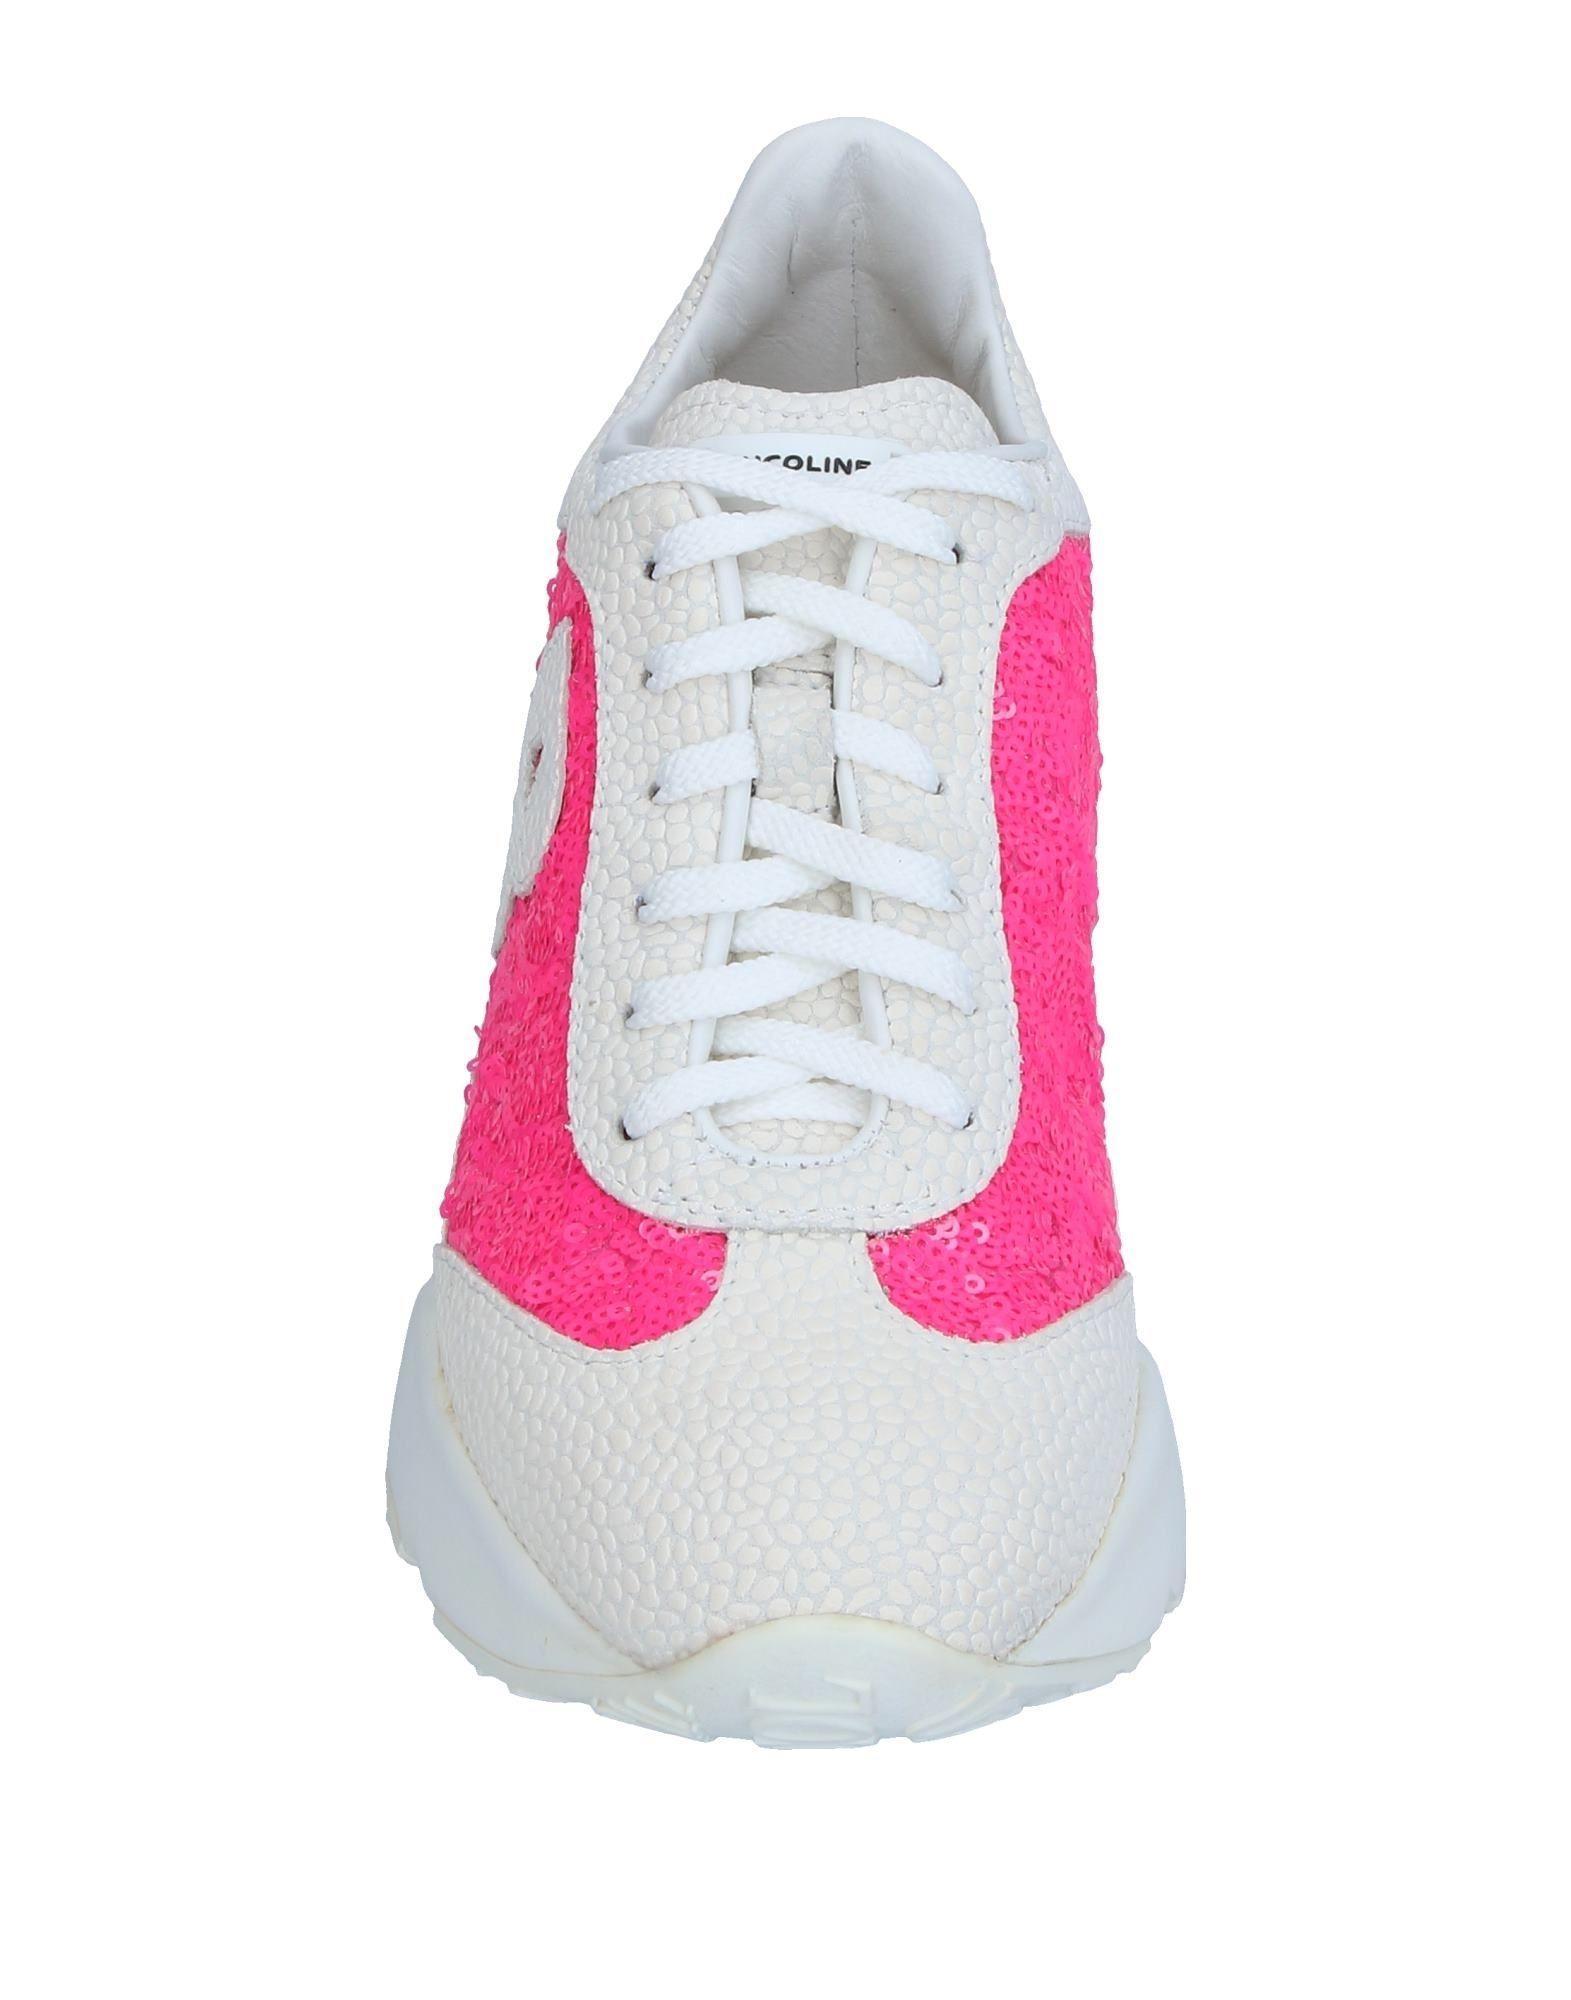 Ruco Line Sneakers Damen  11334722HM Gute Qualität beliebte Schuhe Schuhe beliebte 6904d3